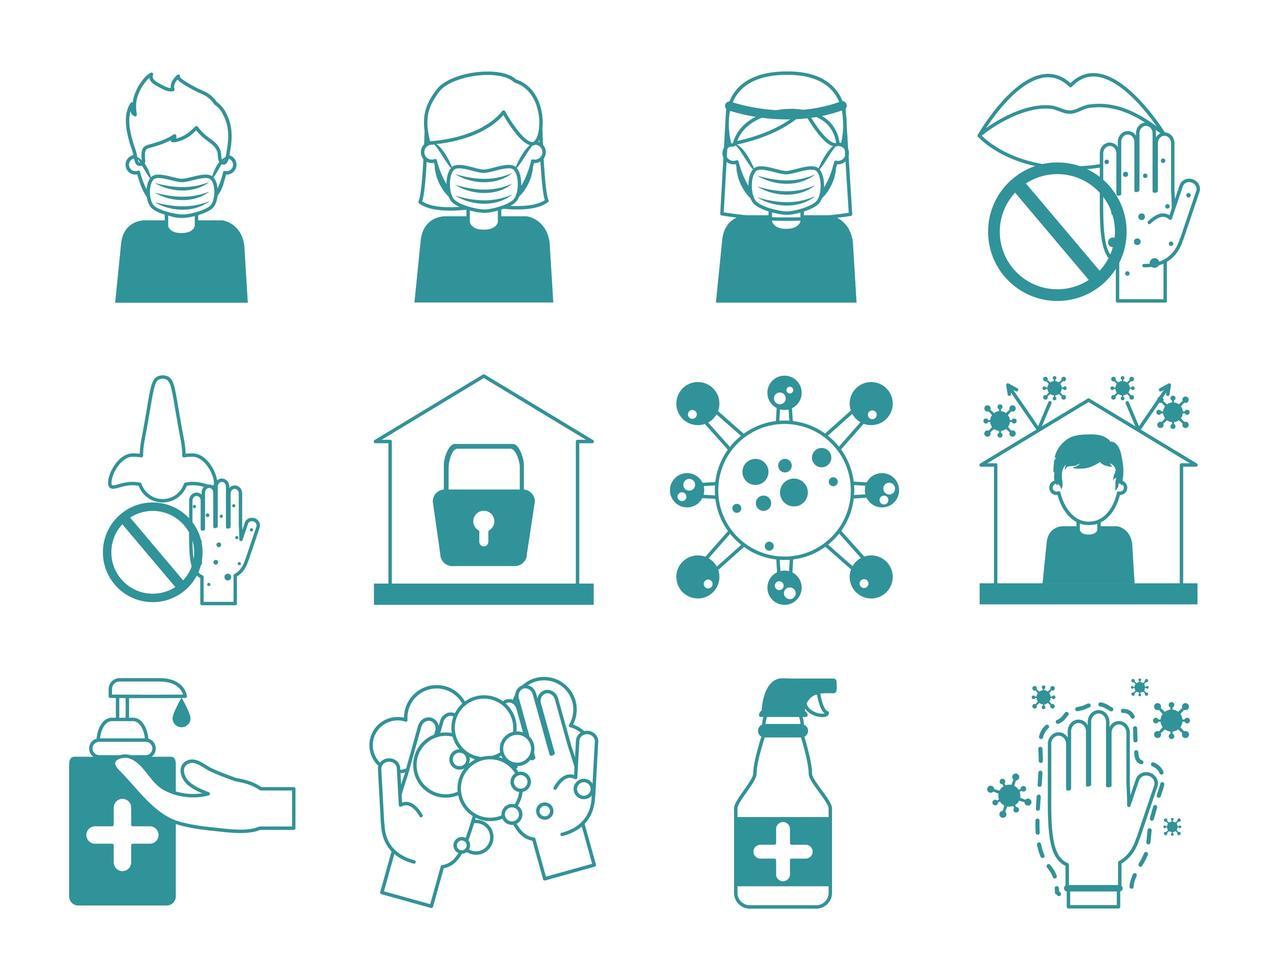 jeu d'icônes de prévention de la pandémie de coronavirus vecteur